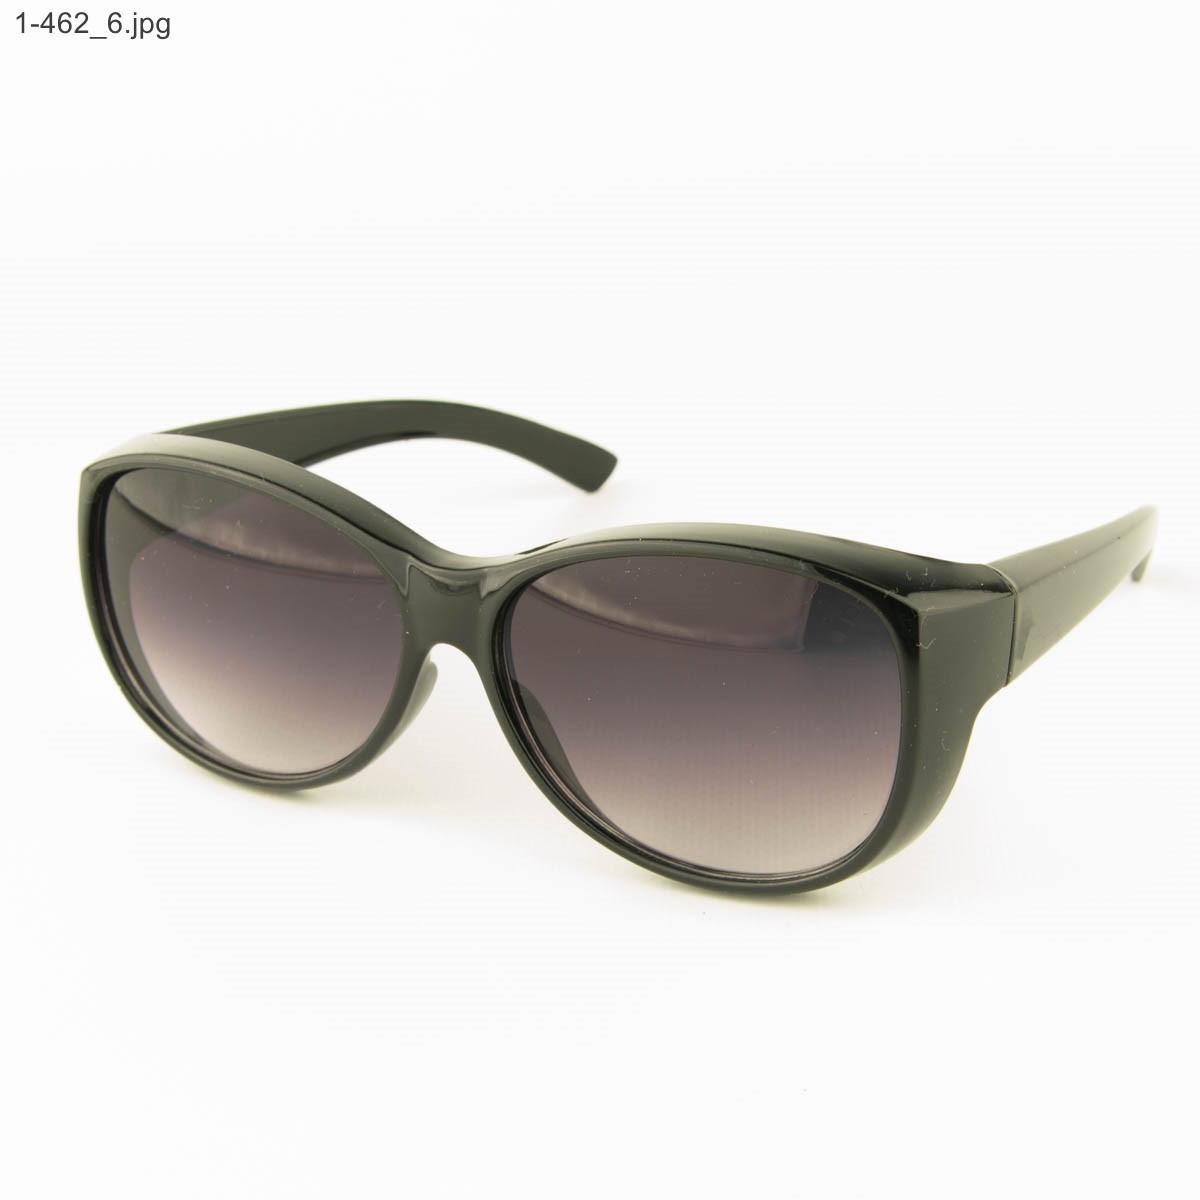 Оптом молодежные солнцезащитные очки - Черные - 1-462